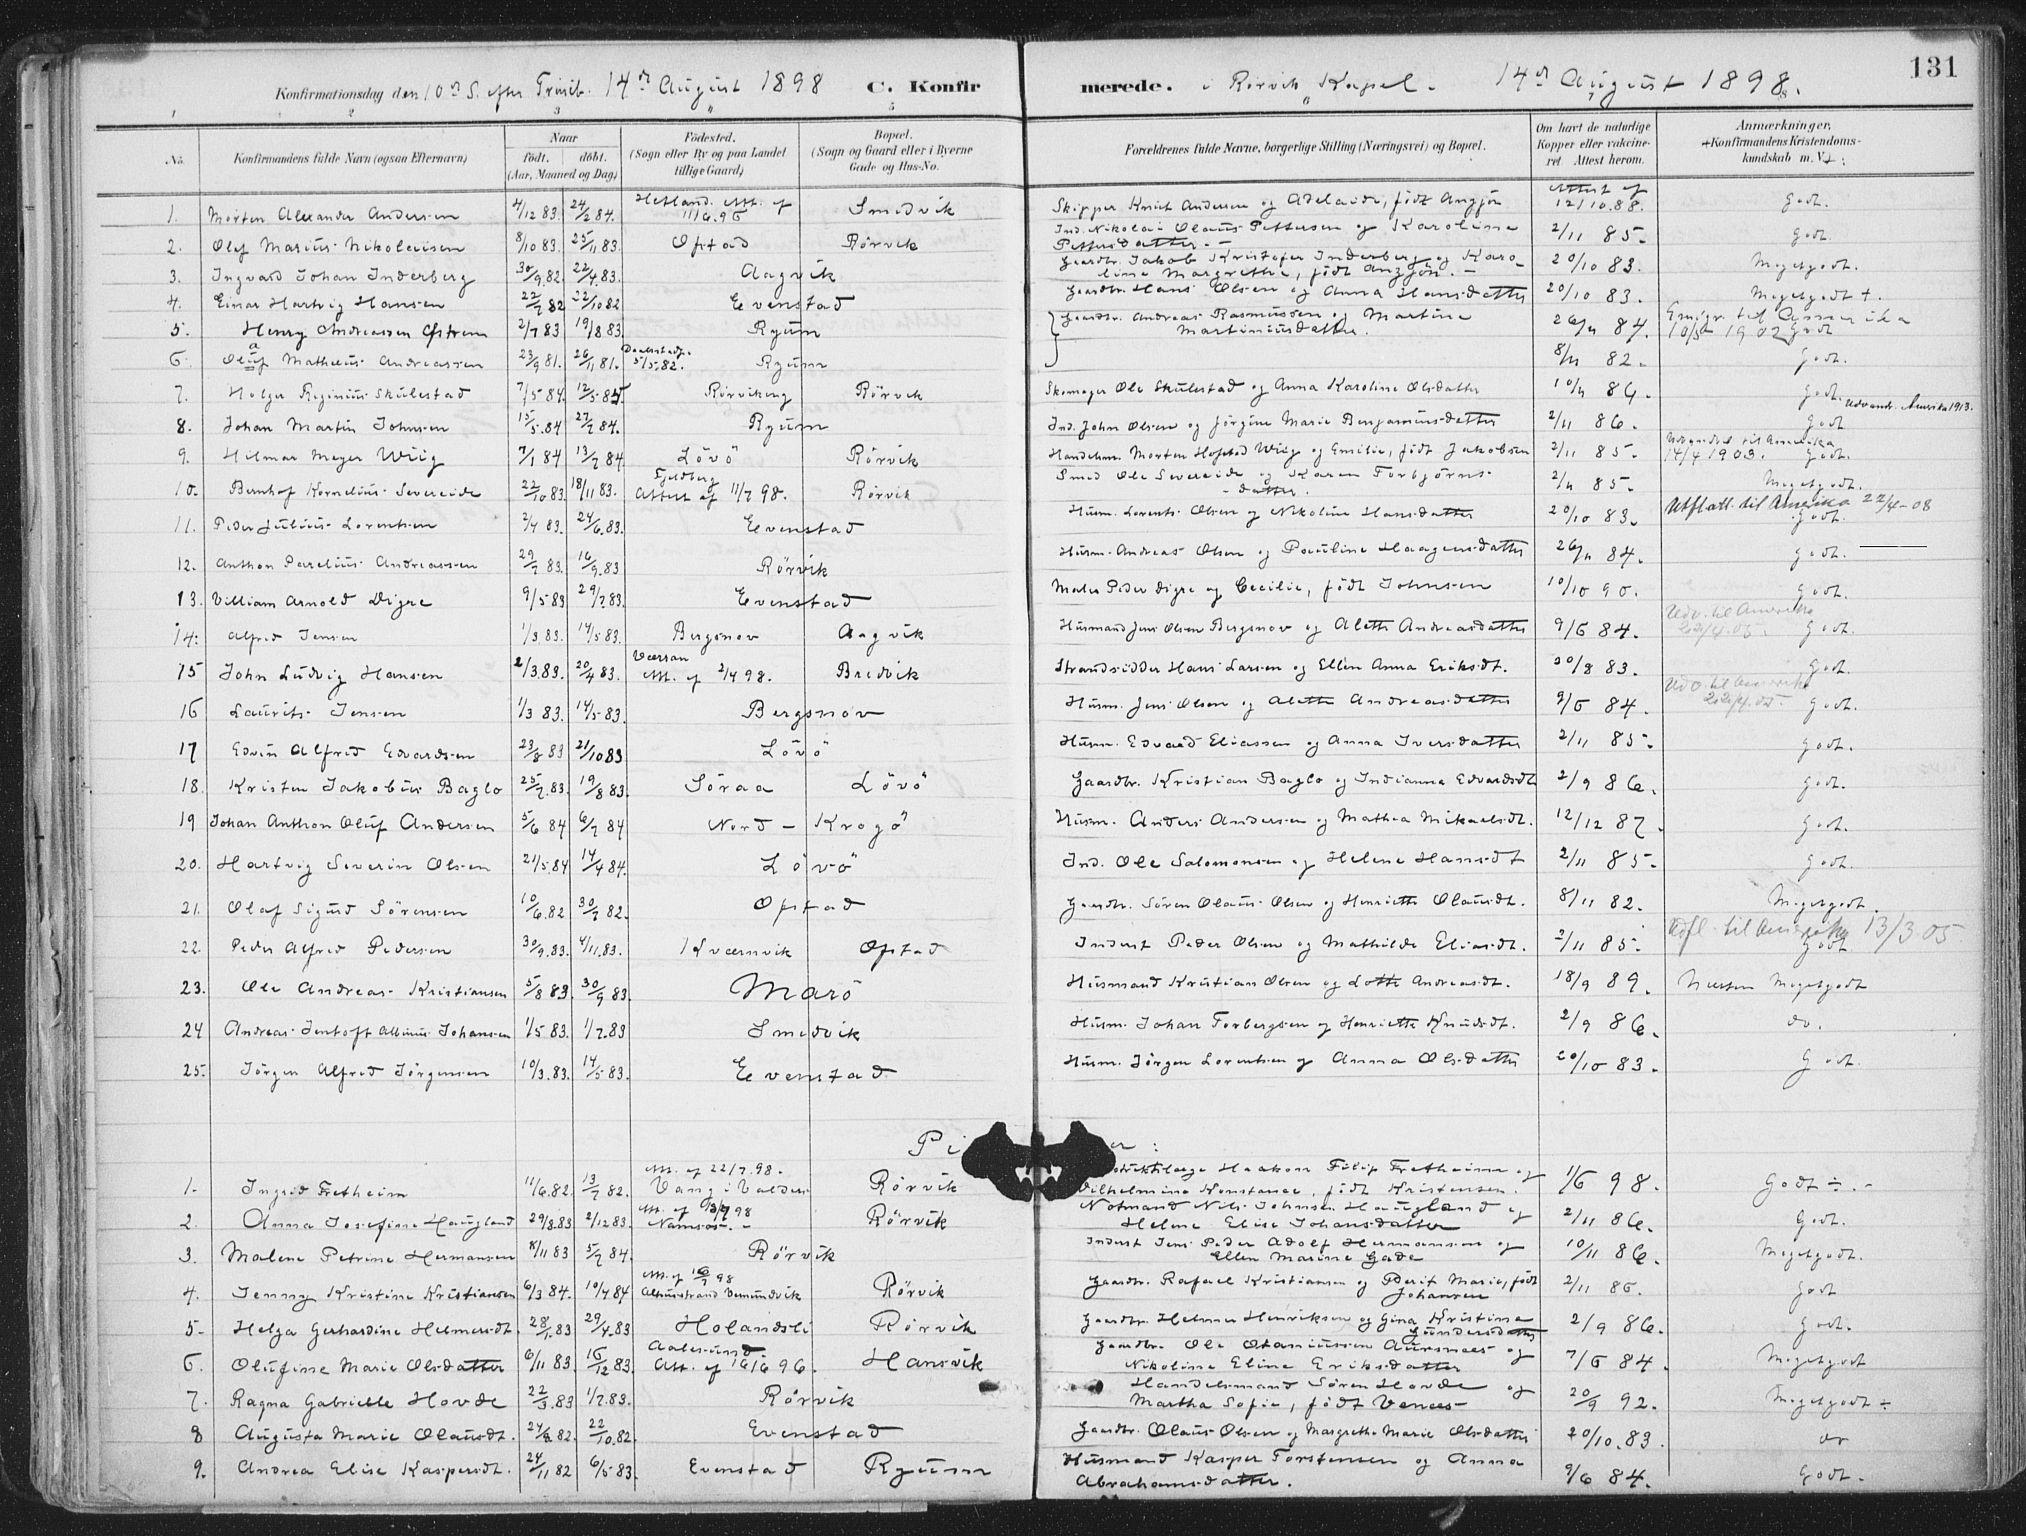 SAT, Ministerialprotokoller, klokkerbøker og fødselsregistre - Nord-Trøndelag, 786/L0687: Ministerialbok nr. 786A03, 1888-1898, s. 131